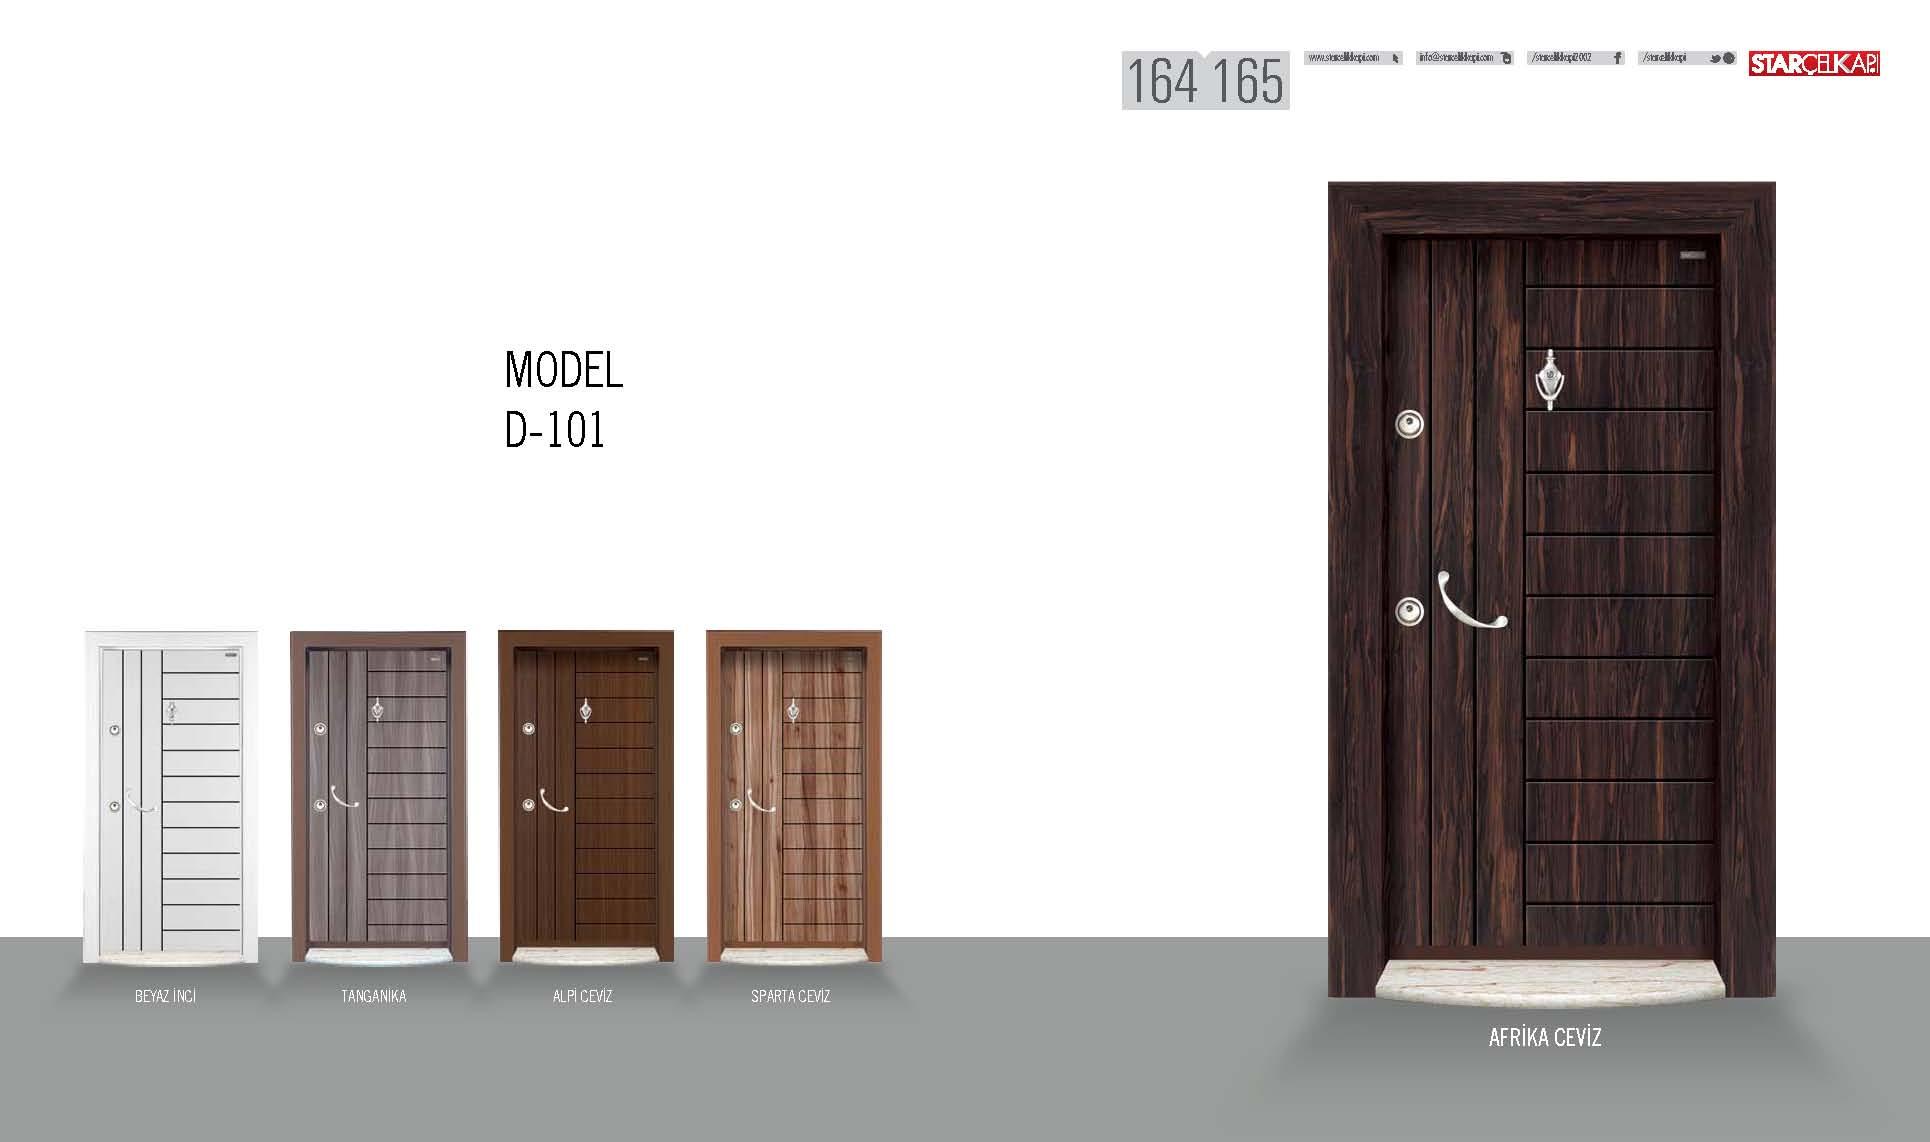 vhodni-vrati-starcelik_page_83